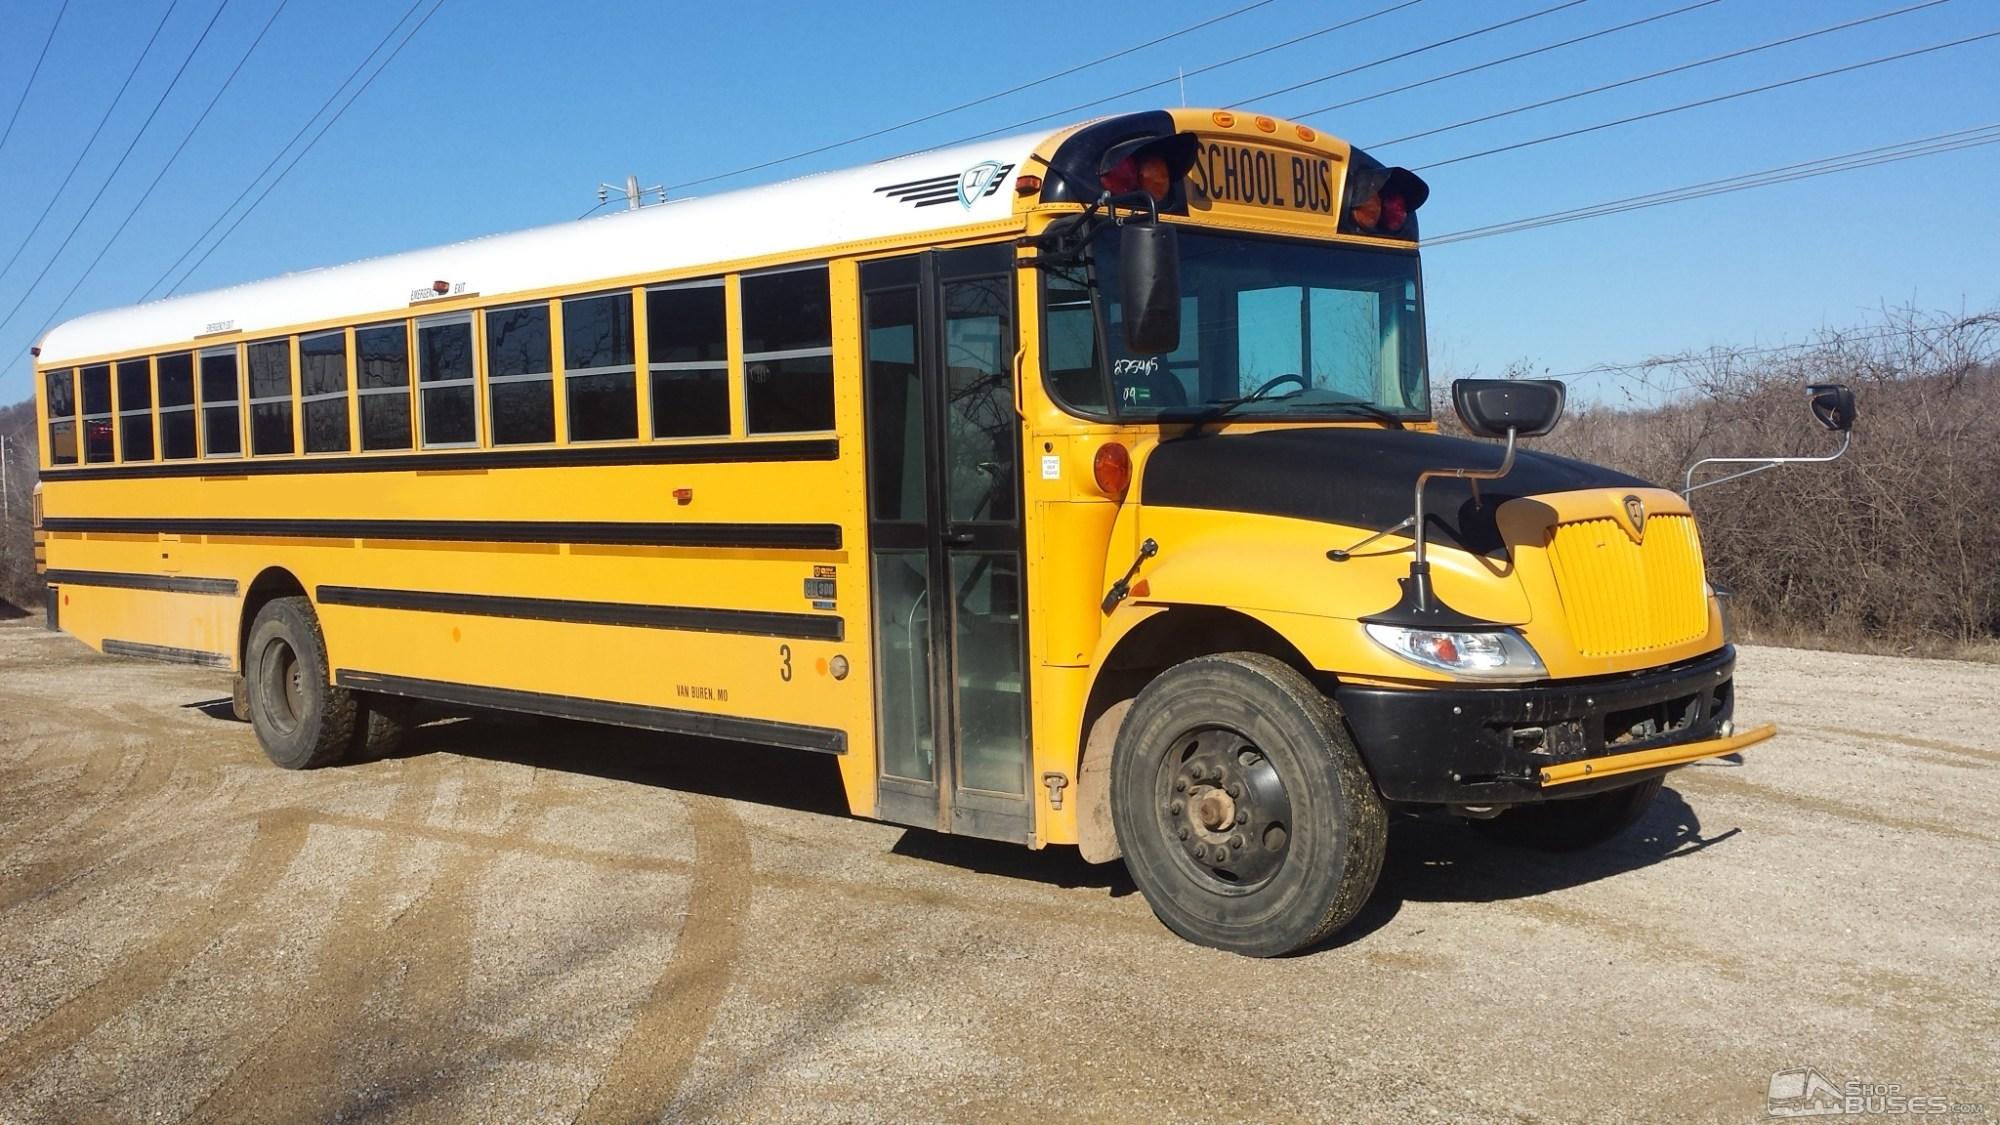 hight resolution of thomas school bus engine diagram schematic diagramthomas school bus engine diagram wiring diagram school bus pre